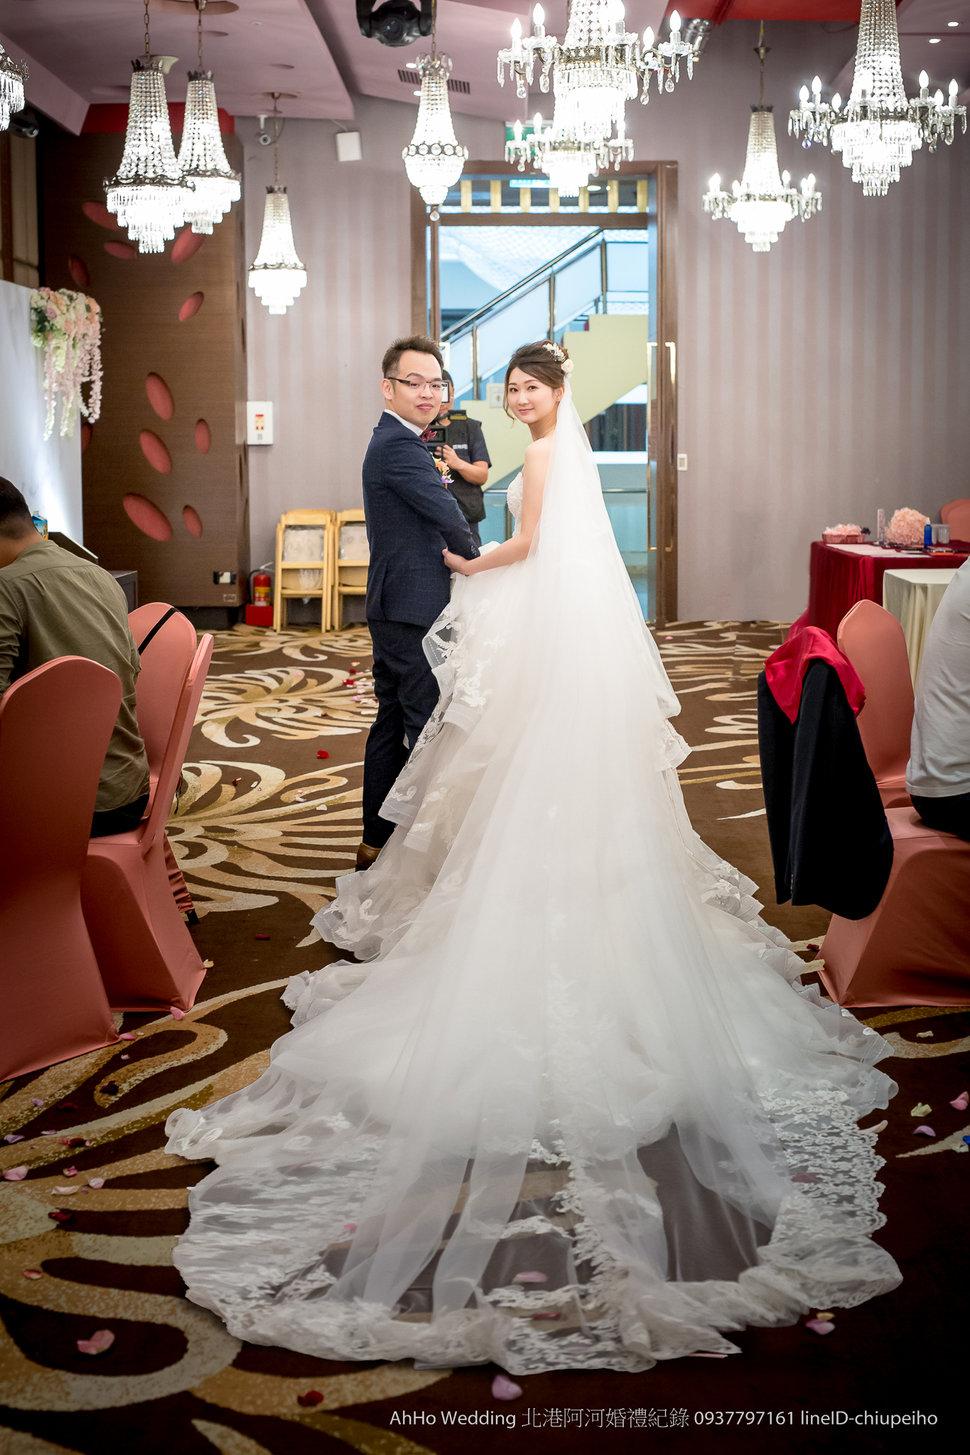 AhHo Wedding   LINE ID  chiupeiho-213 - AhHoWedding/阿河婚攝《結婚吧》